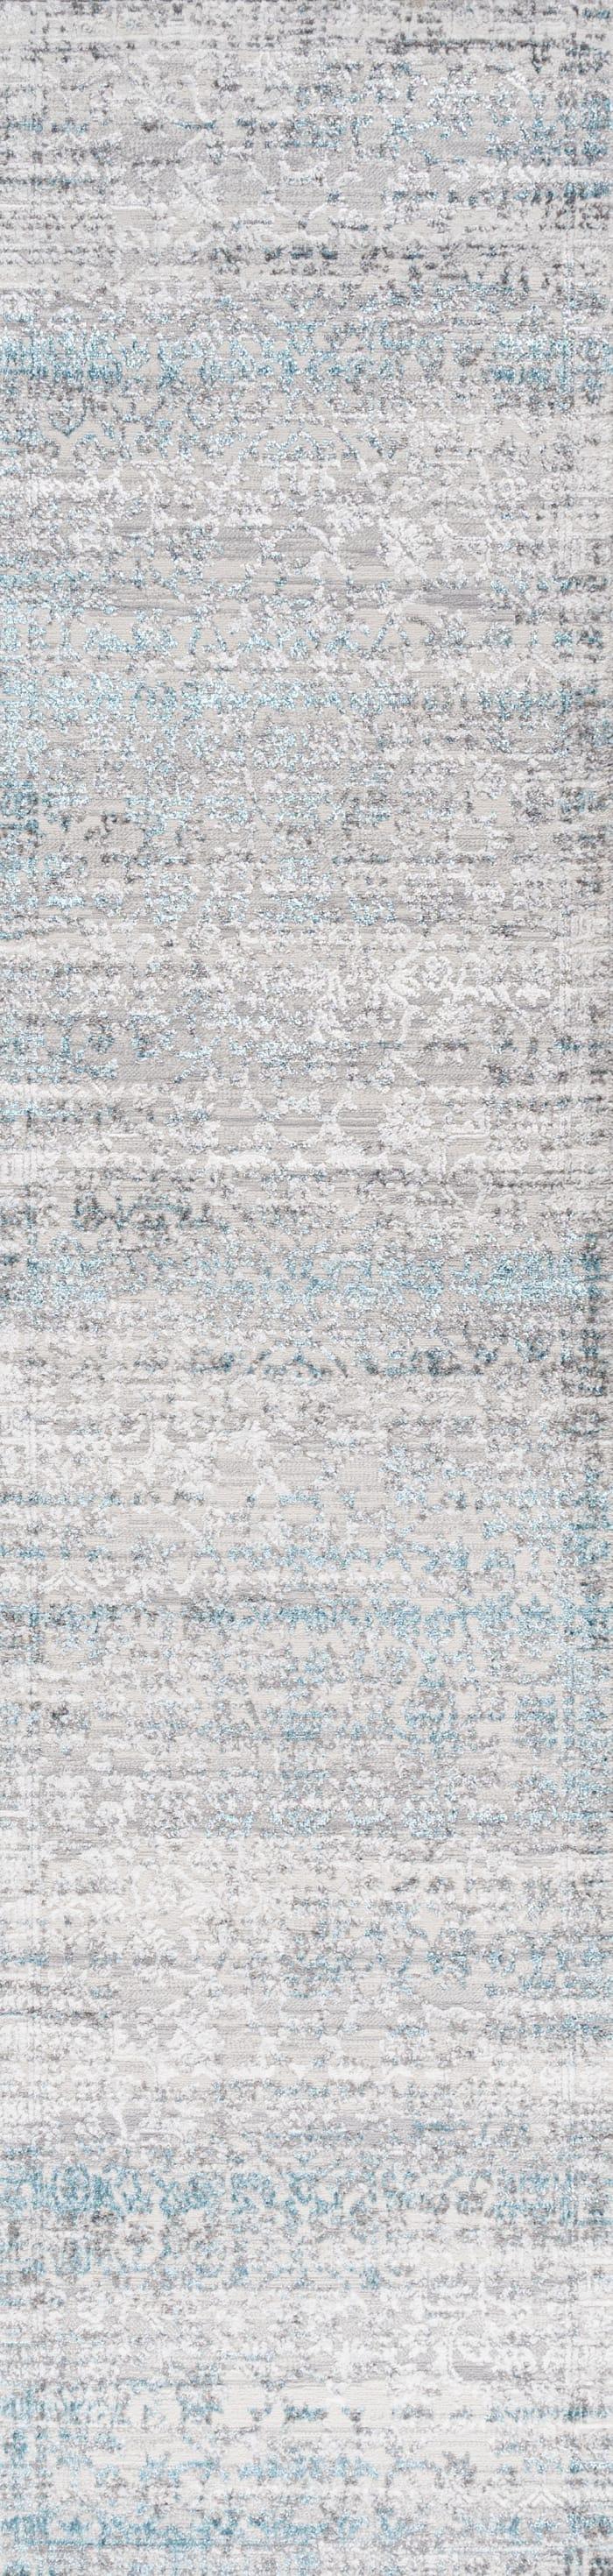 Tidal Modern Strie' Gray/Turquoise 2' x 8' Runner Rug